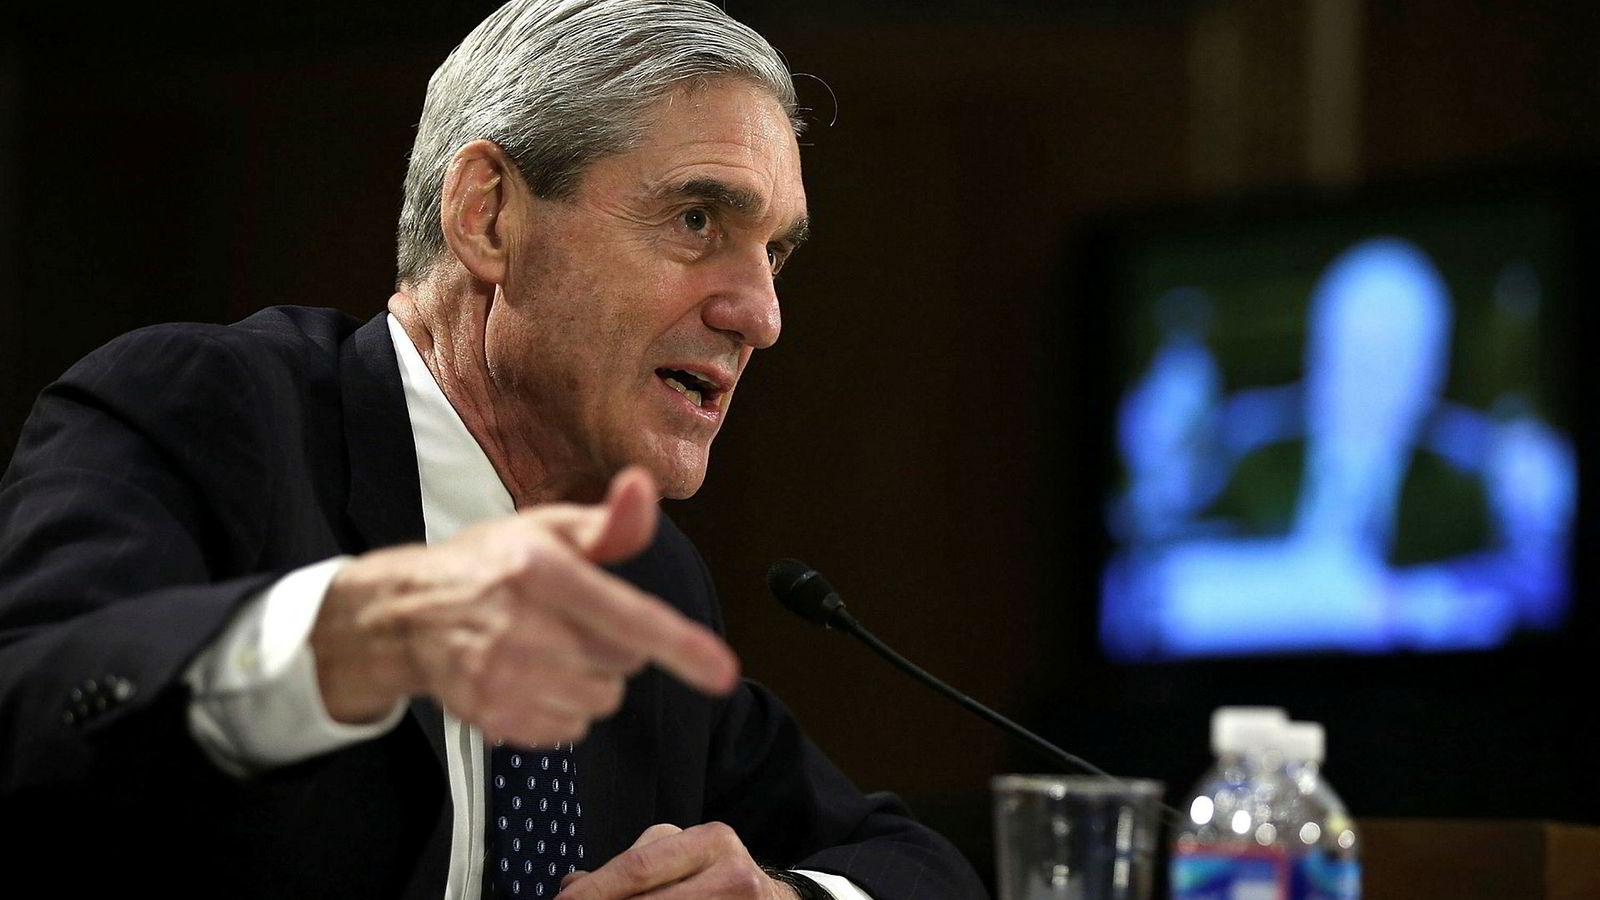 Spesialetterforsker Robert Mueller har rettet et hardt slag mot russisk etterretning.